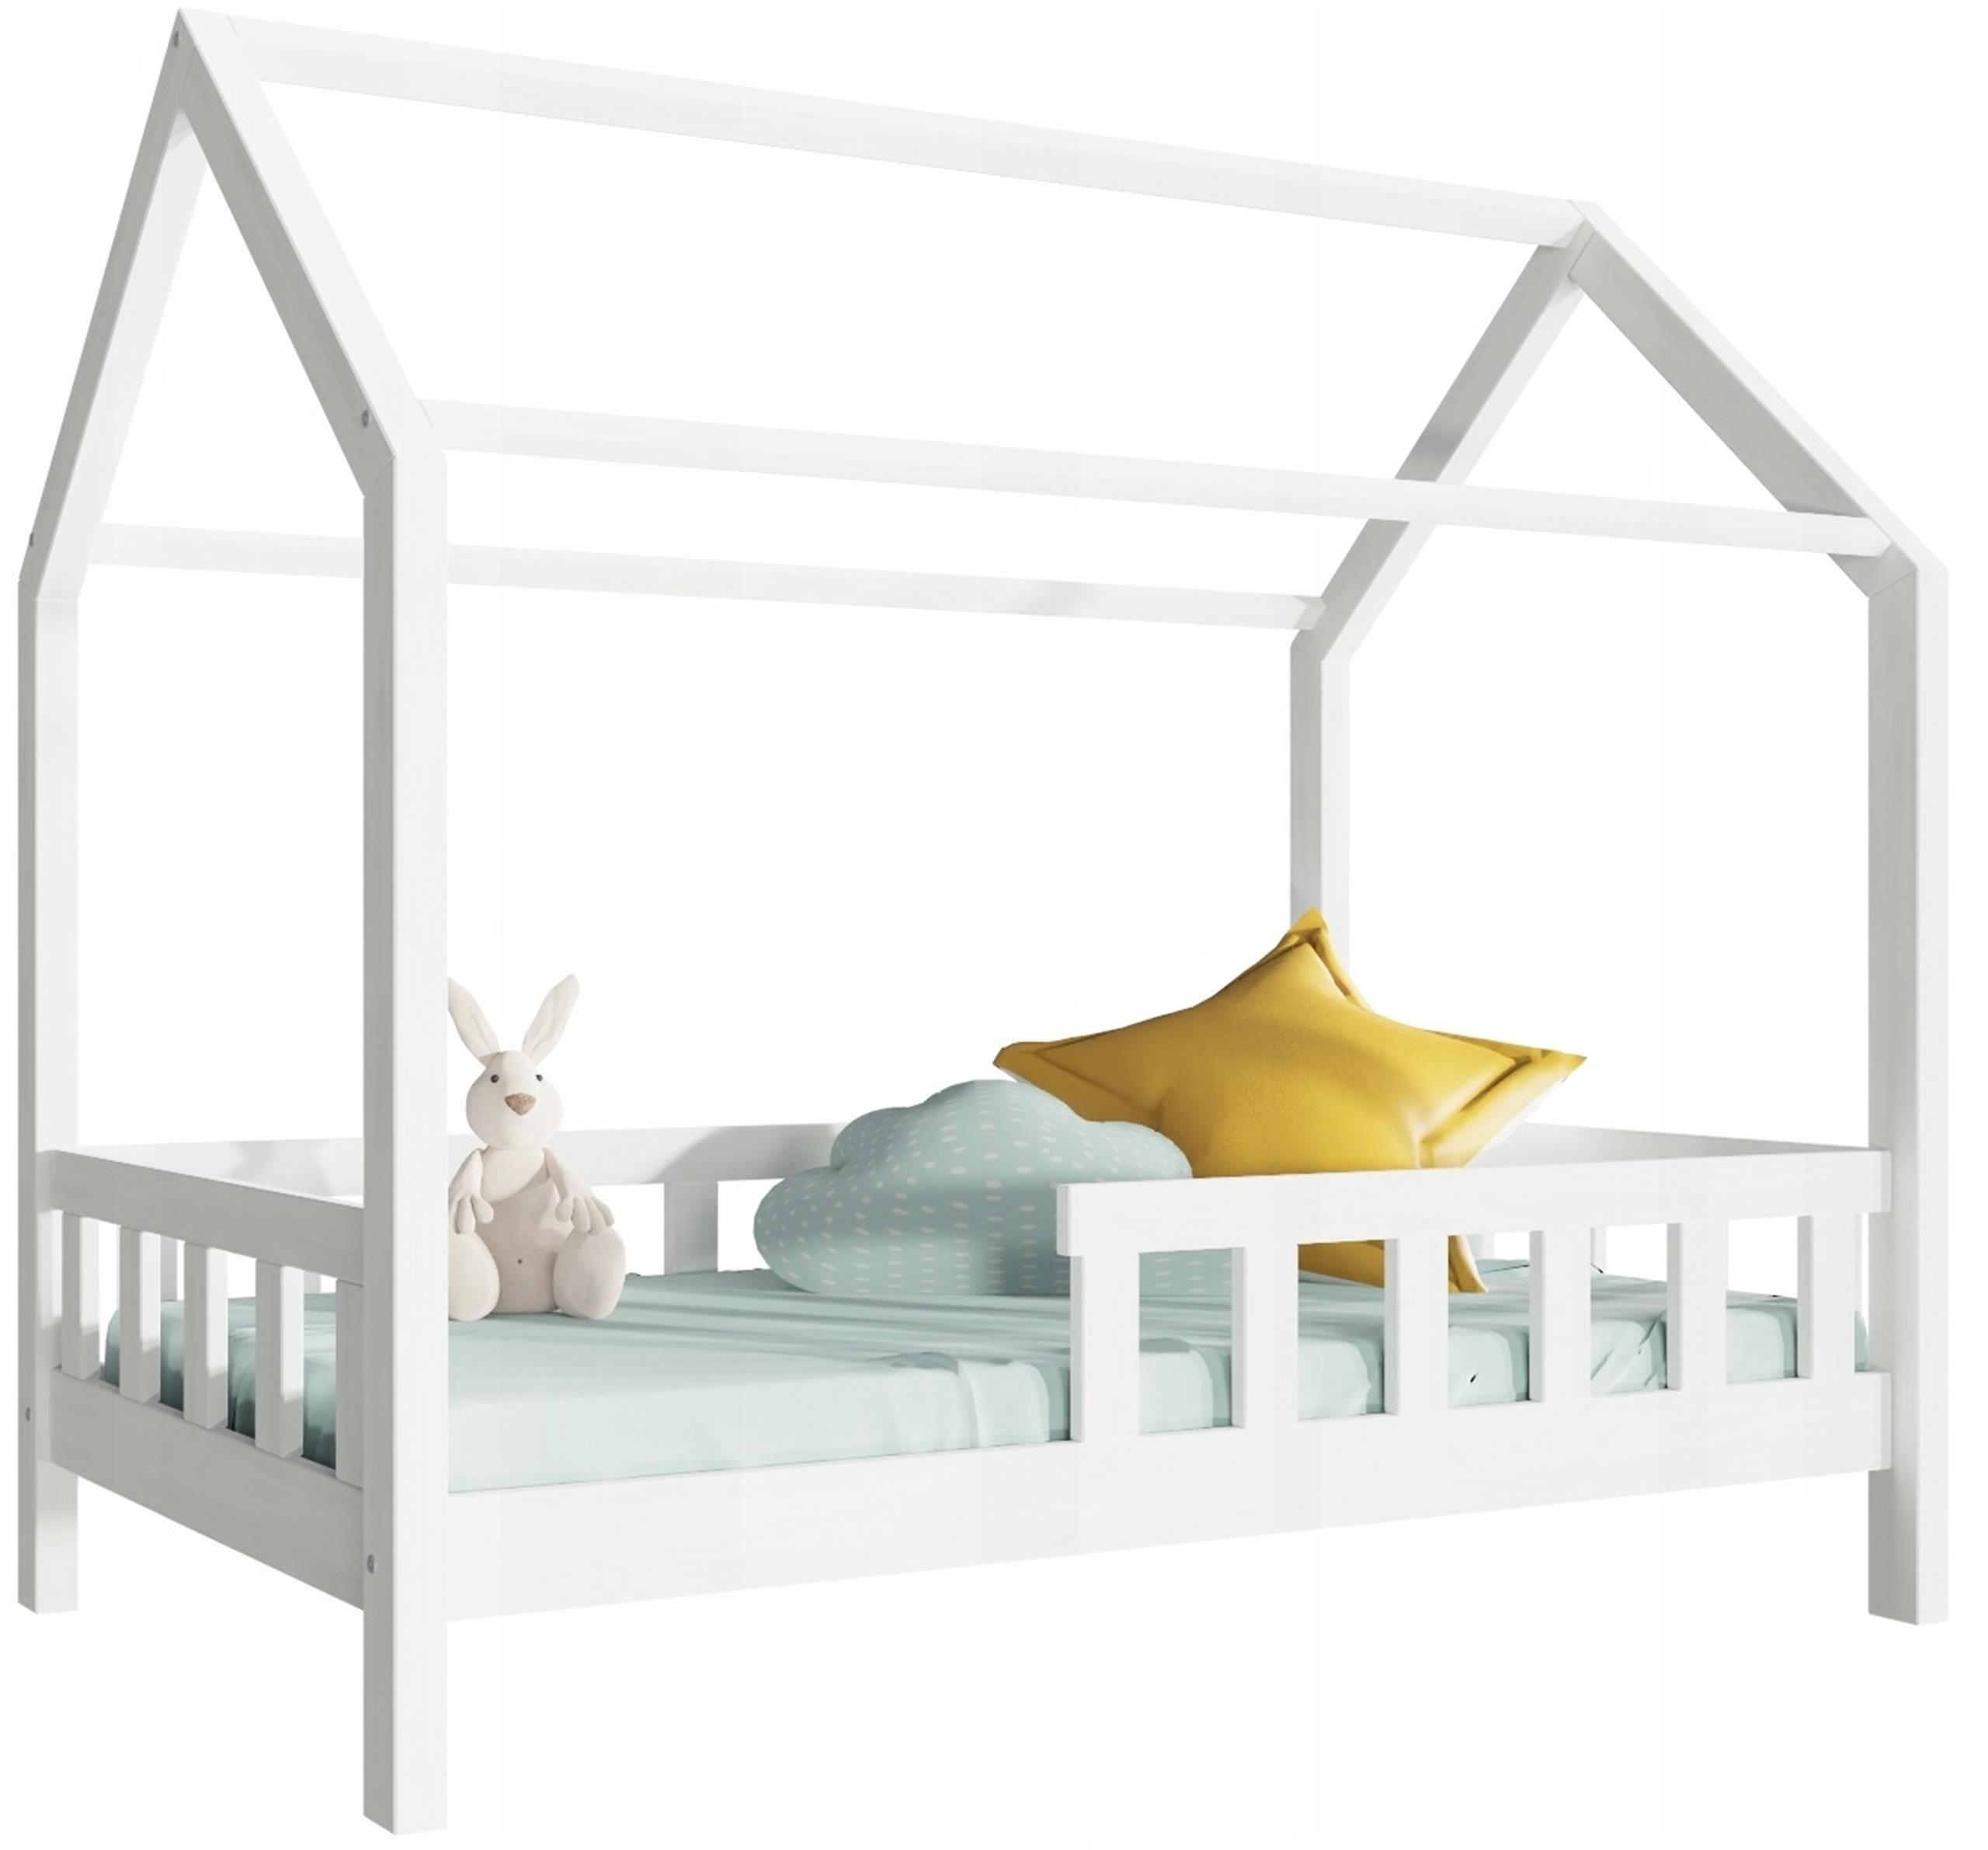 Łóżko dziecięce MITO białe domek ze stelażem